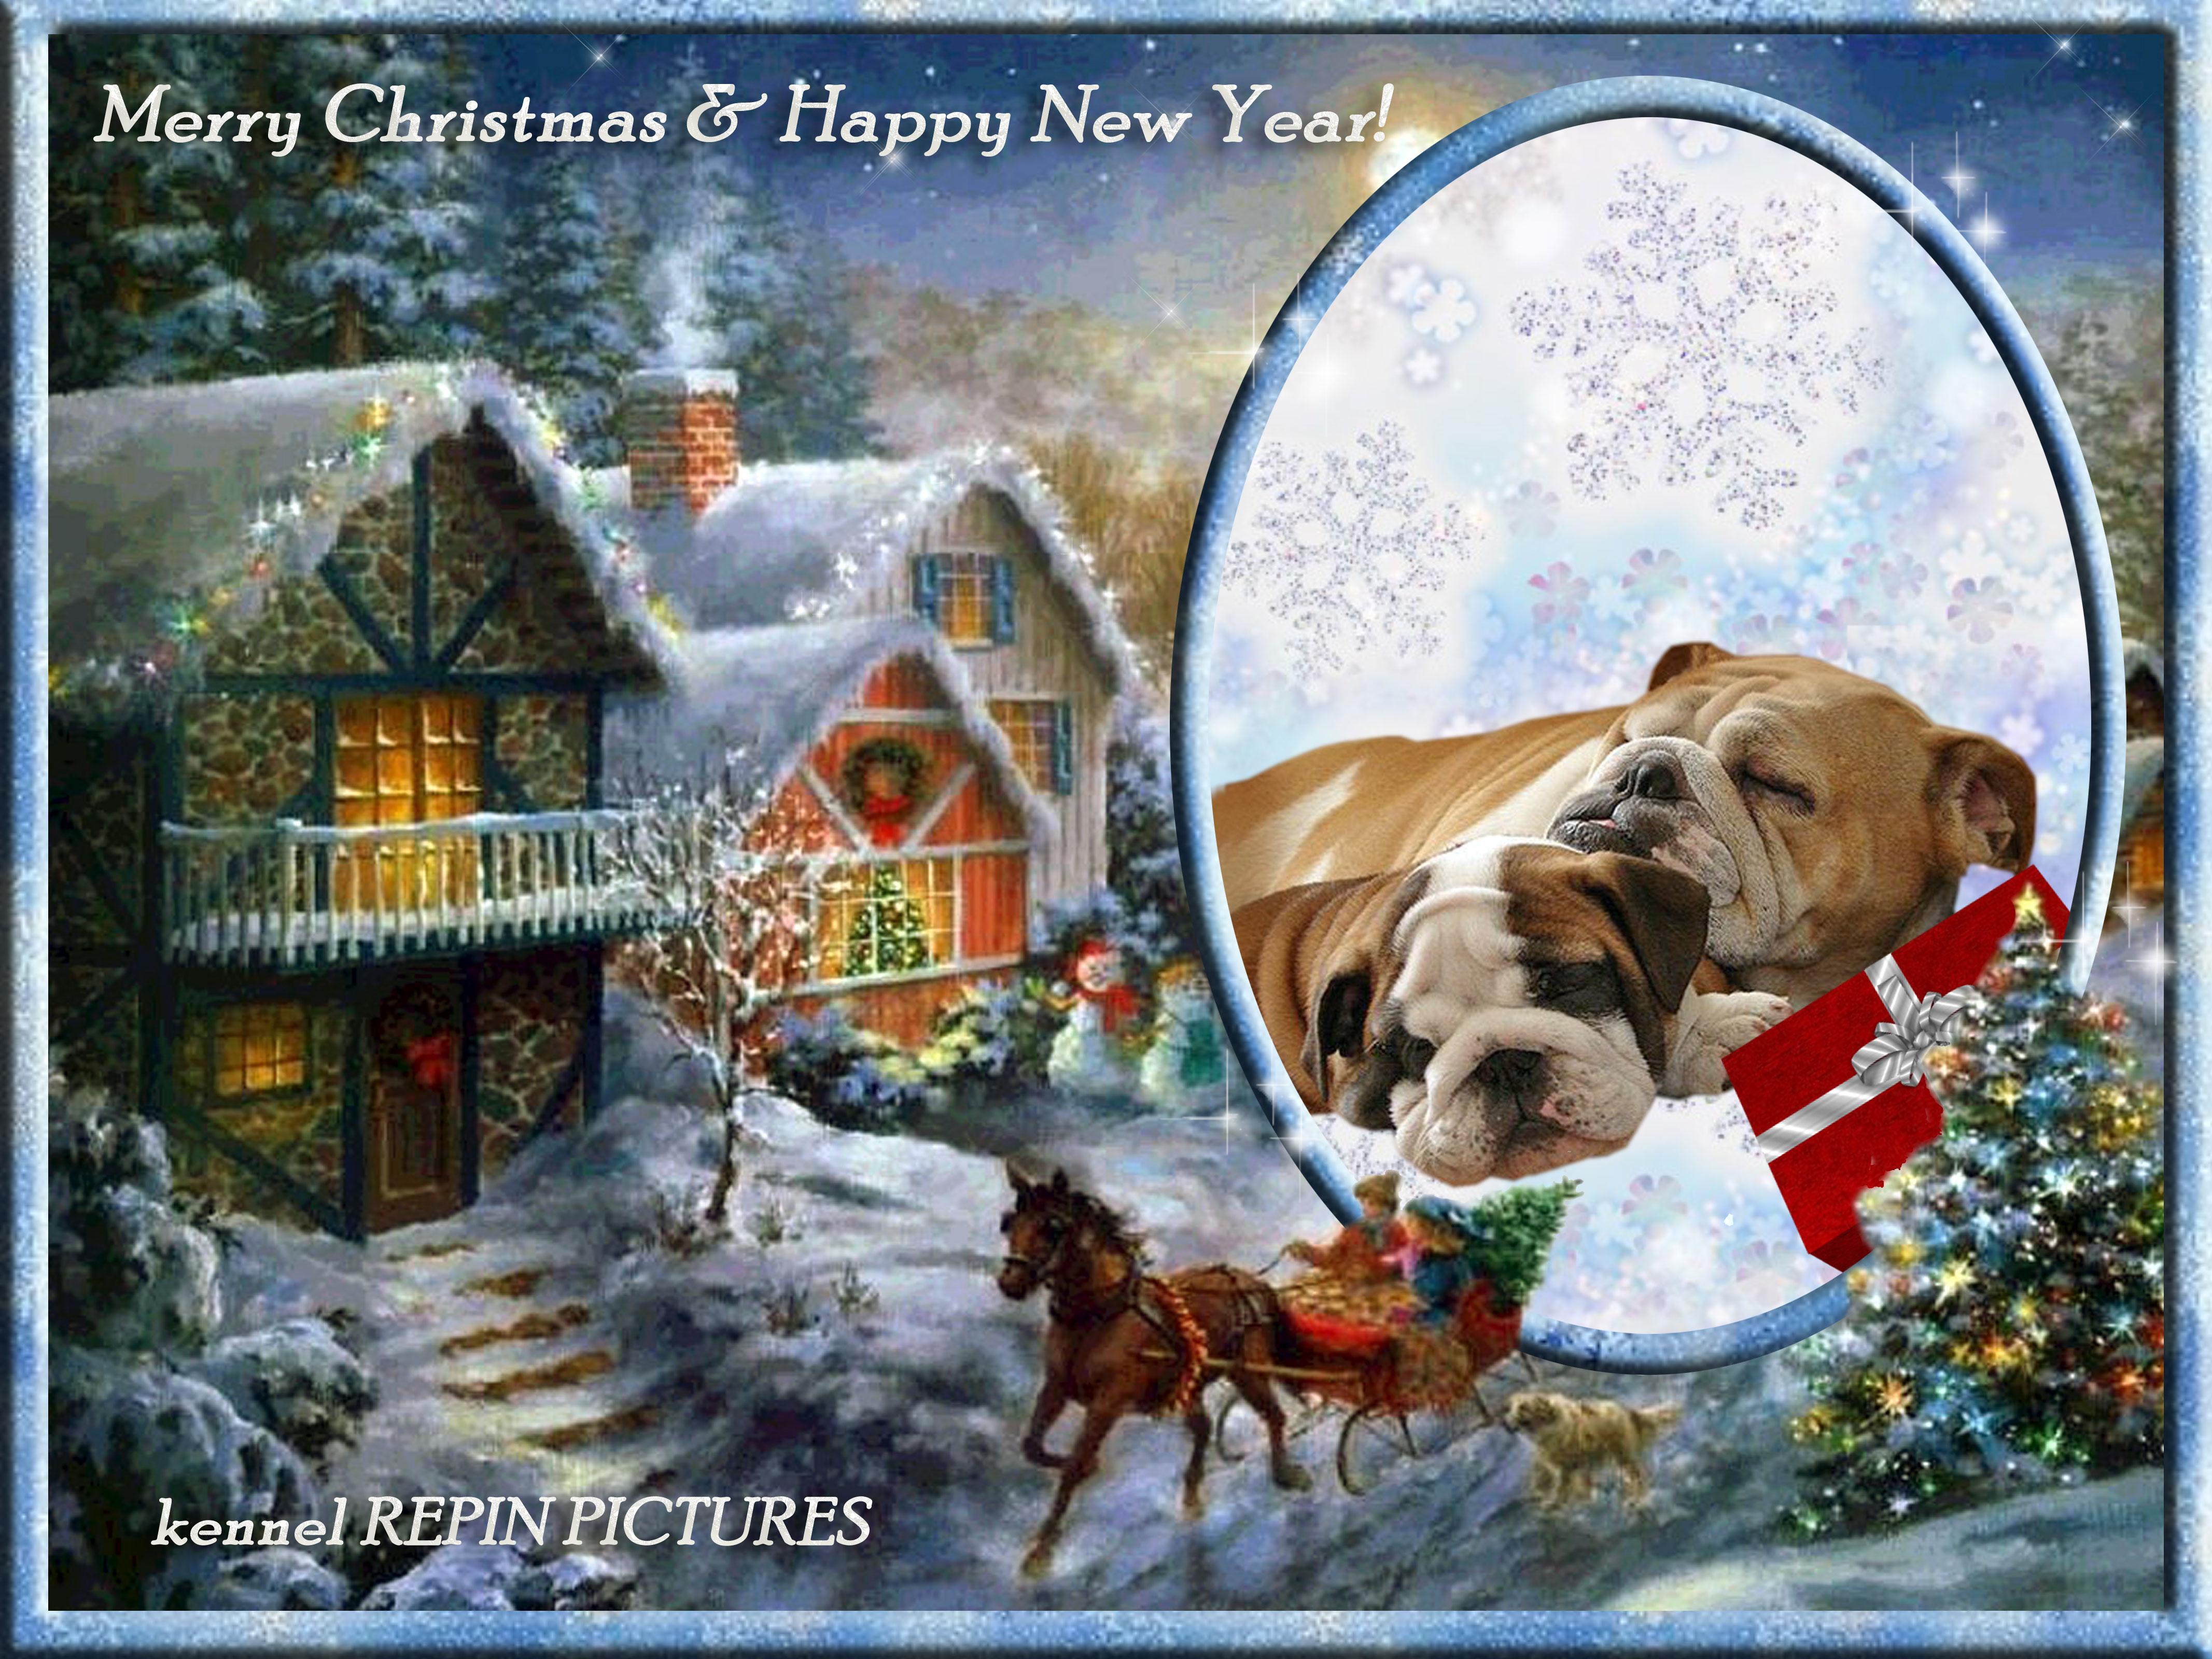 Новогодние рамки. Классическая рождественская рамка для фотографий  высокого качества. Здесь мы видим прекрасную рождественскую картину – заснеженные, будто пряничные домики, которые сияют рождественскими огнями. А во дворе стоит великолепная новогодняя ёлка, мимо которой мчится повозка с детьми, которые везут домой собственноручно срубленную ёлочку. Рядом с повозкой бежит рыжая собака, шерсть которой развивается от быстрого бега. Чудесная рождественская рамка для любимых портретов.